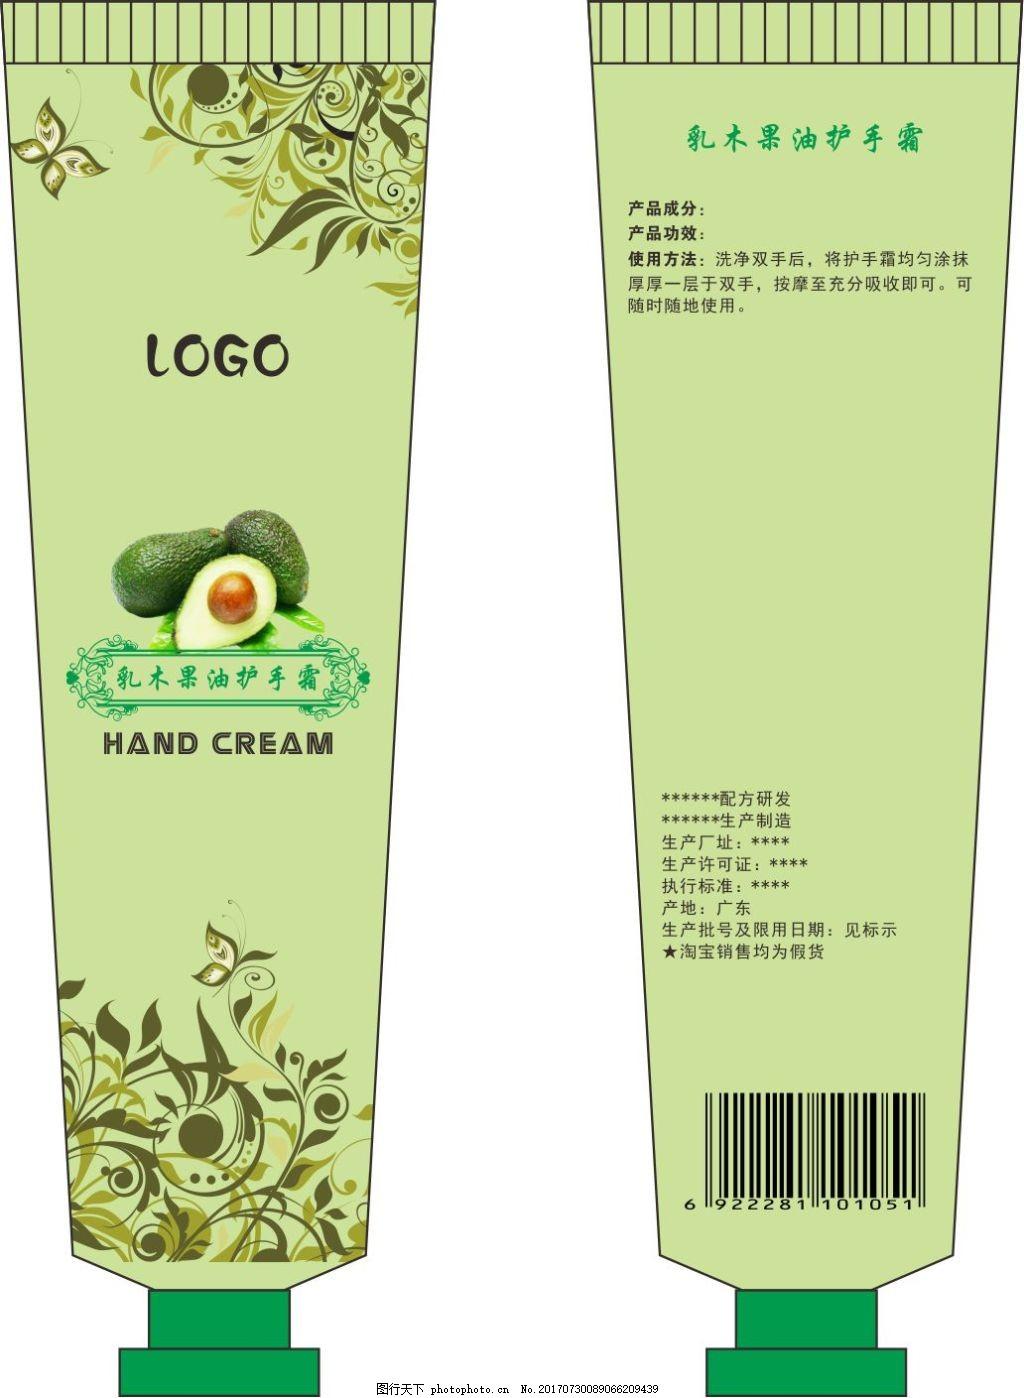 护手霜瓶装包装设计 瓶子 软管 胶管 绿色 植物 花纹 提取 乳木果